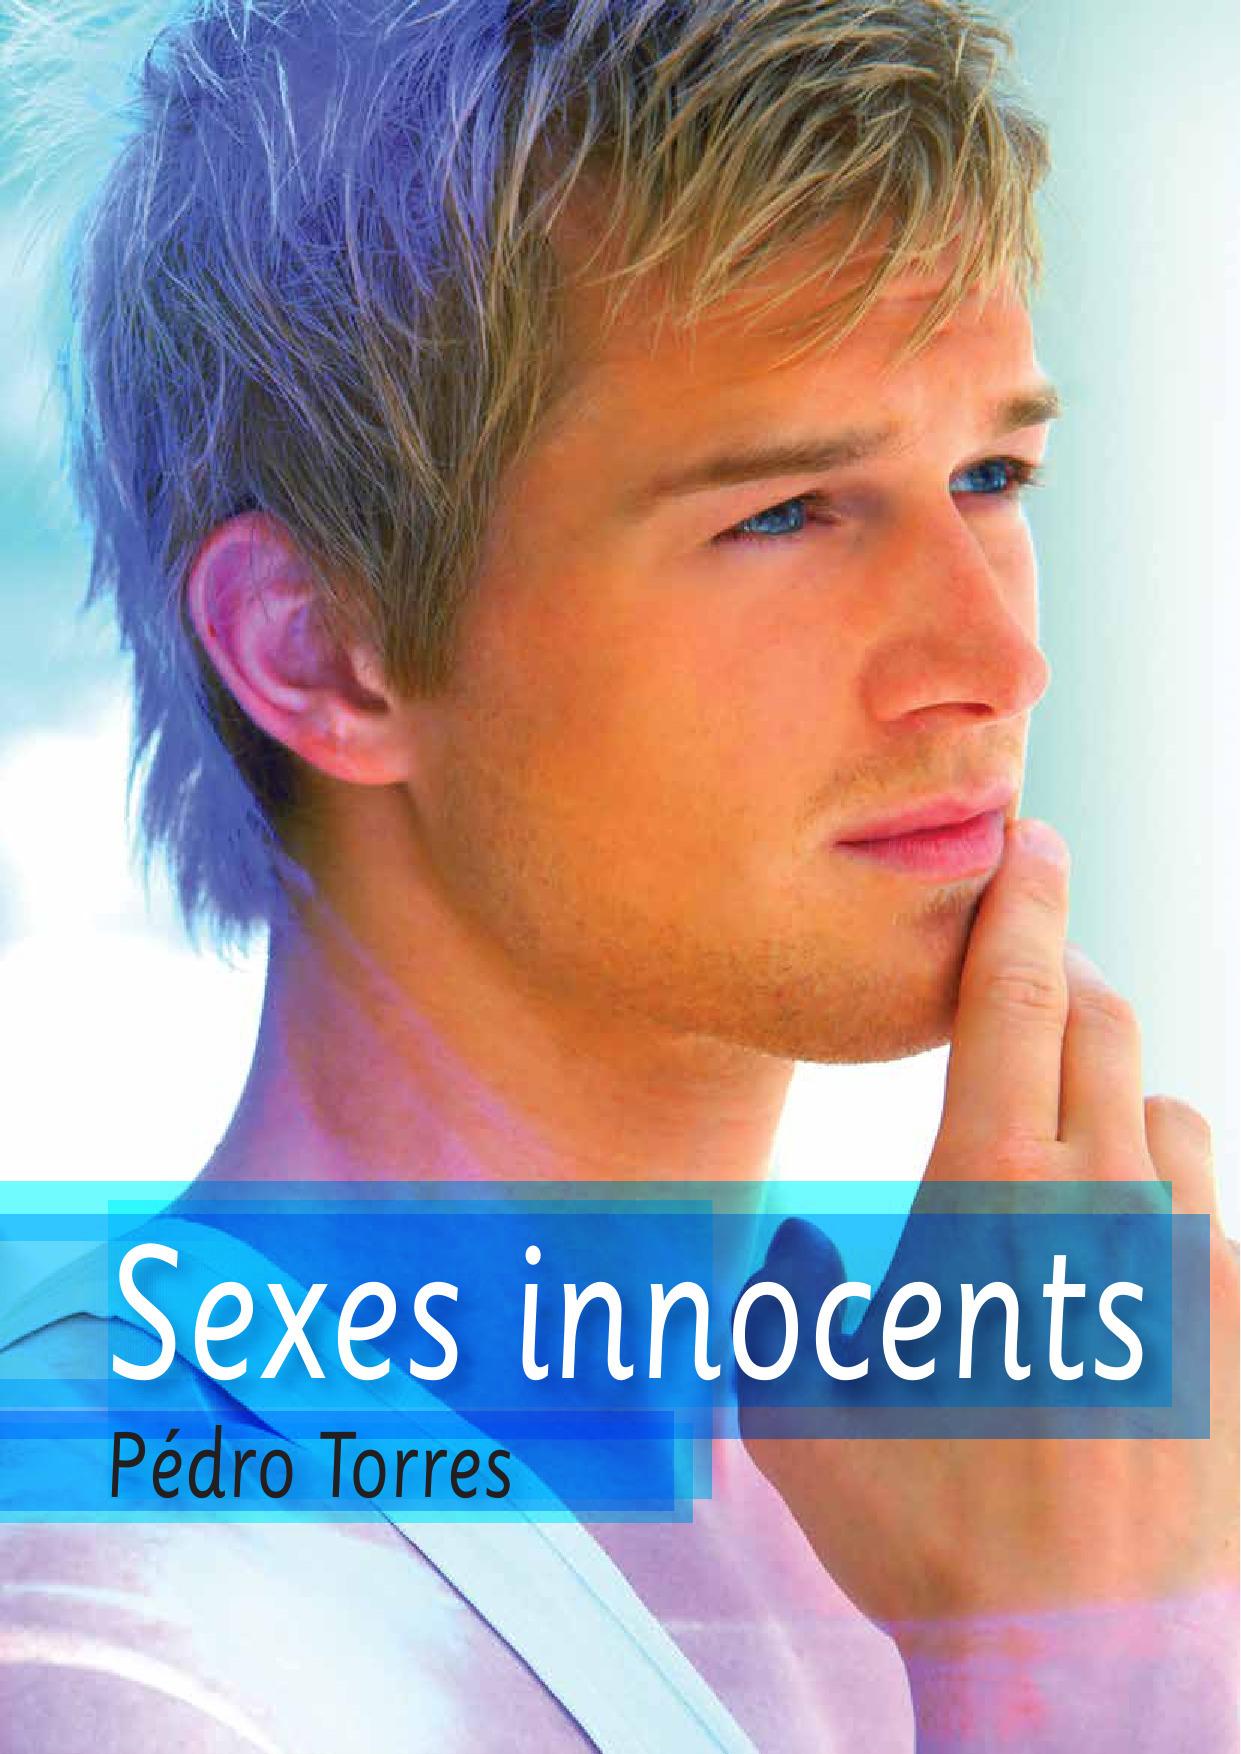 Sexes innocents